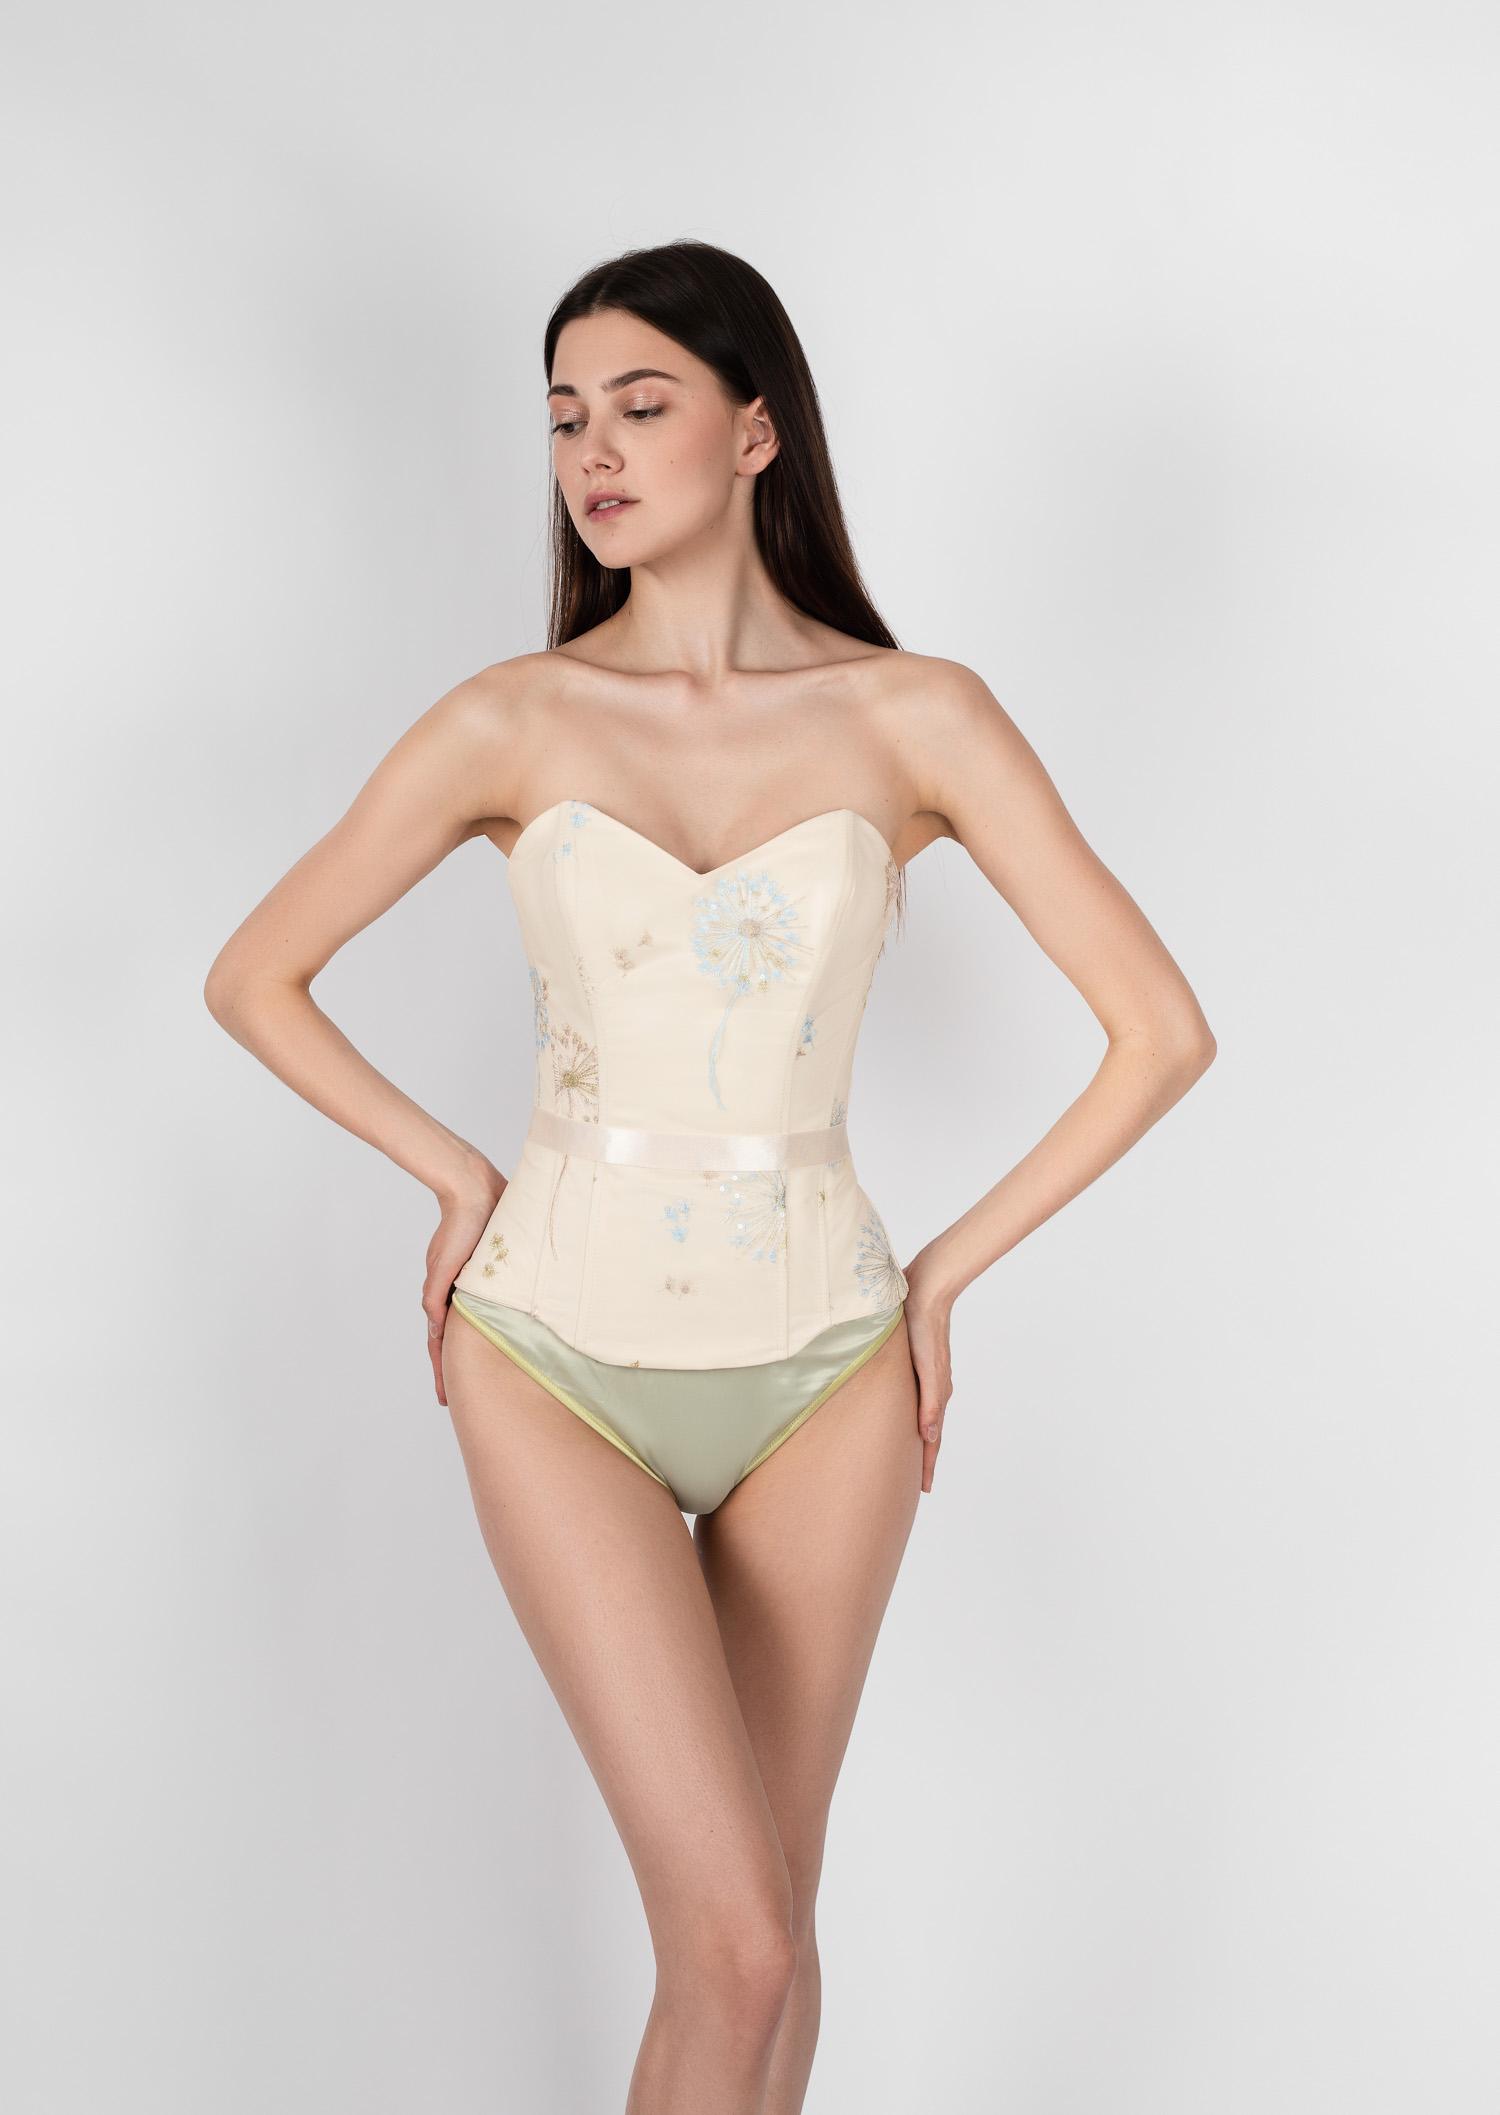 Beige nude vintage corset / underbust hourglass corset / reneissance steel boned corset / sun light corset belt / sexy elegant corset top